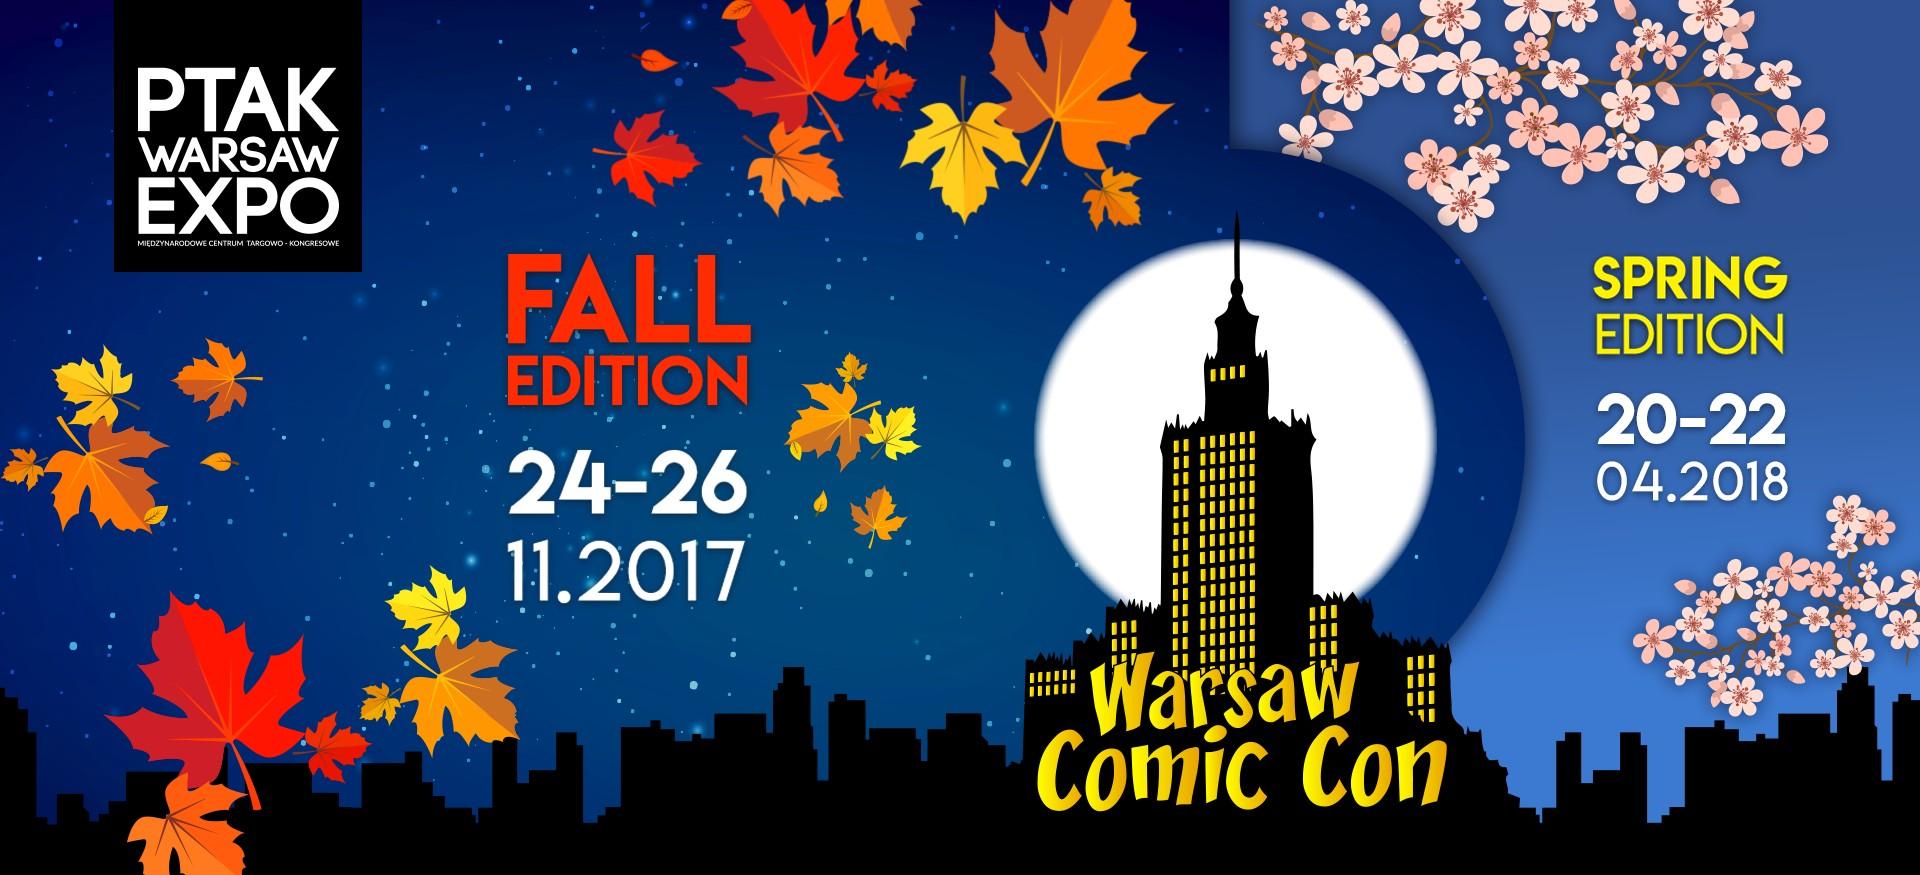 Warsaw Comic Con 2017 - Fall Edition